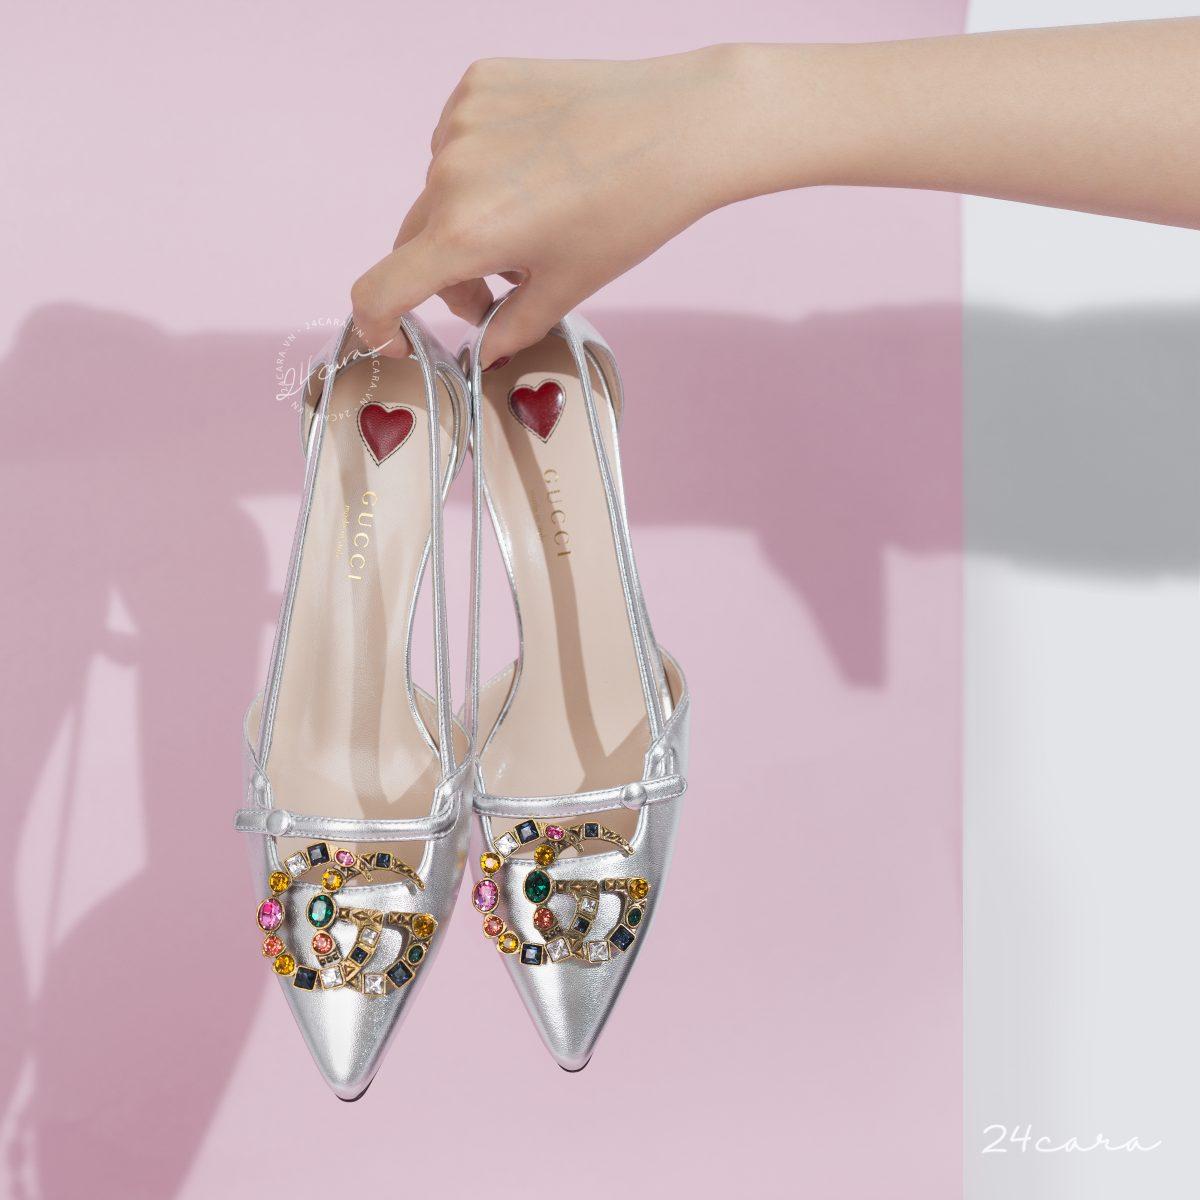 www.kenhraovat.com: Lưu ý tránh bẫy lừa khi mua hàng hiệu Gucci